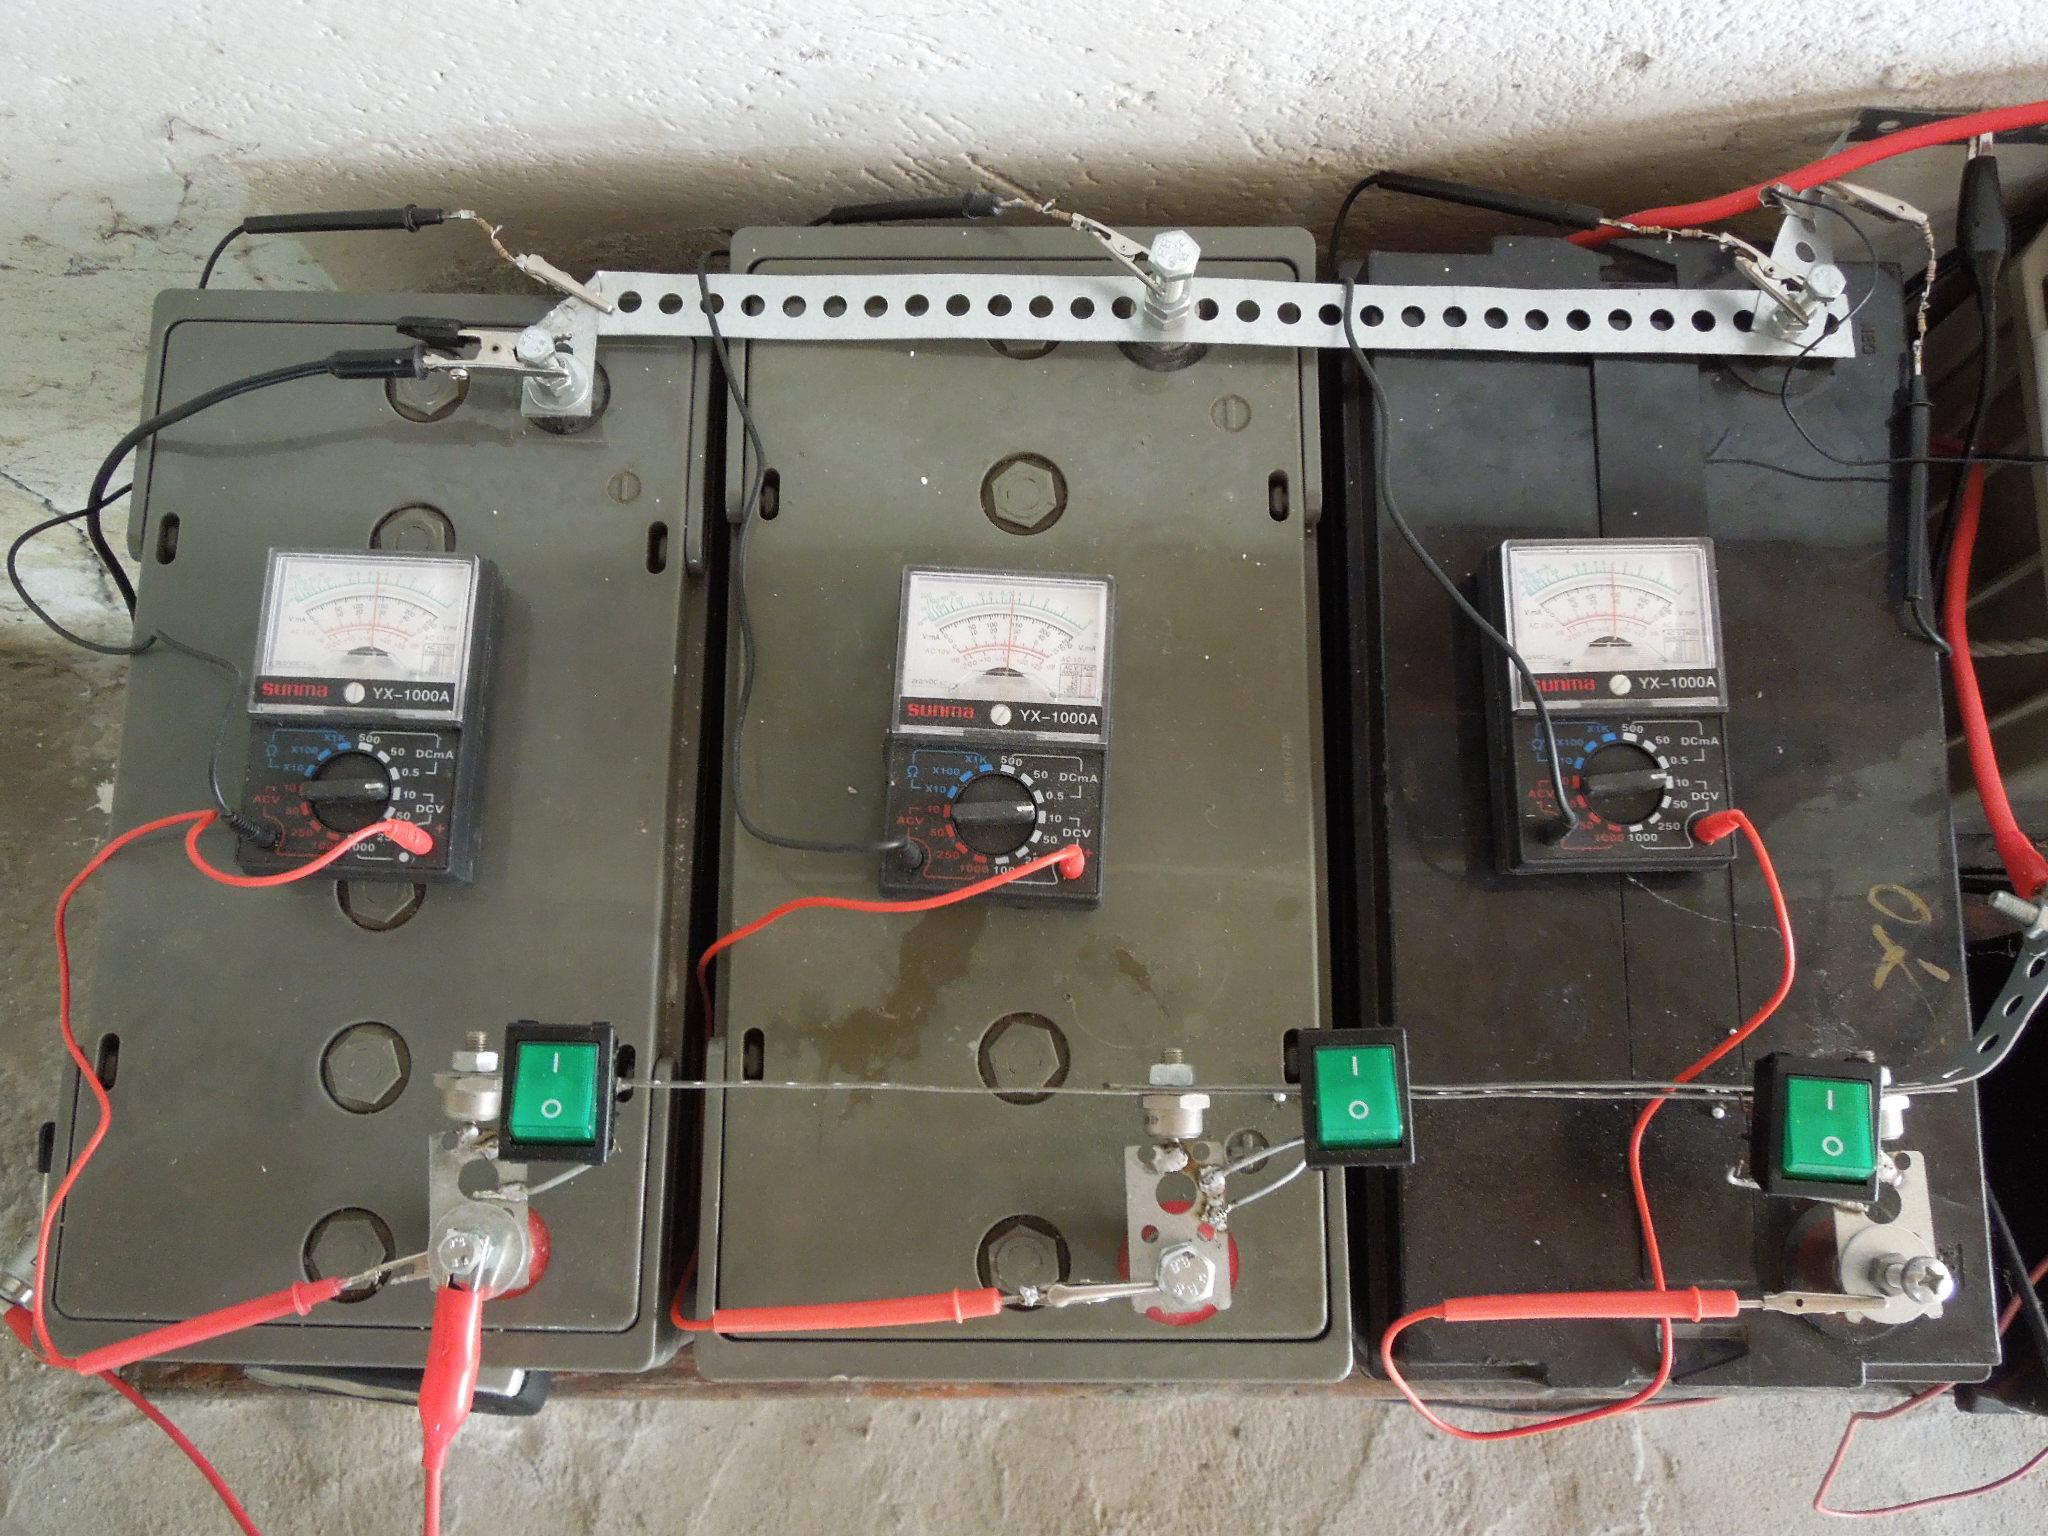 Schema Collegamento Pannello Solare Batteria : Impianto a pannelli solari e batterie